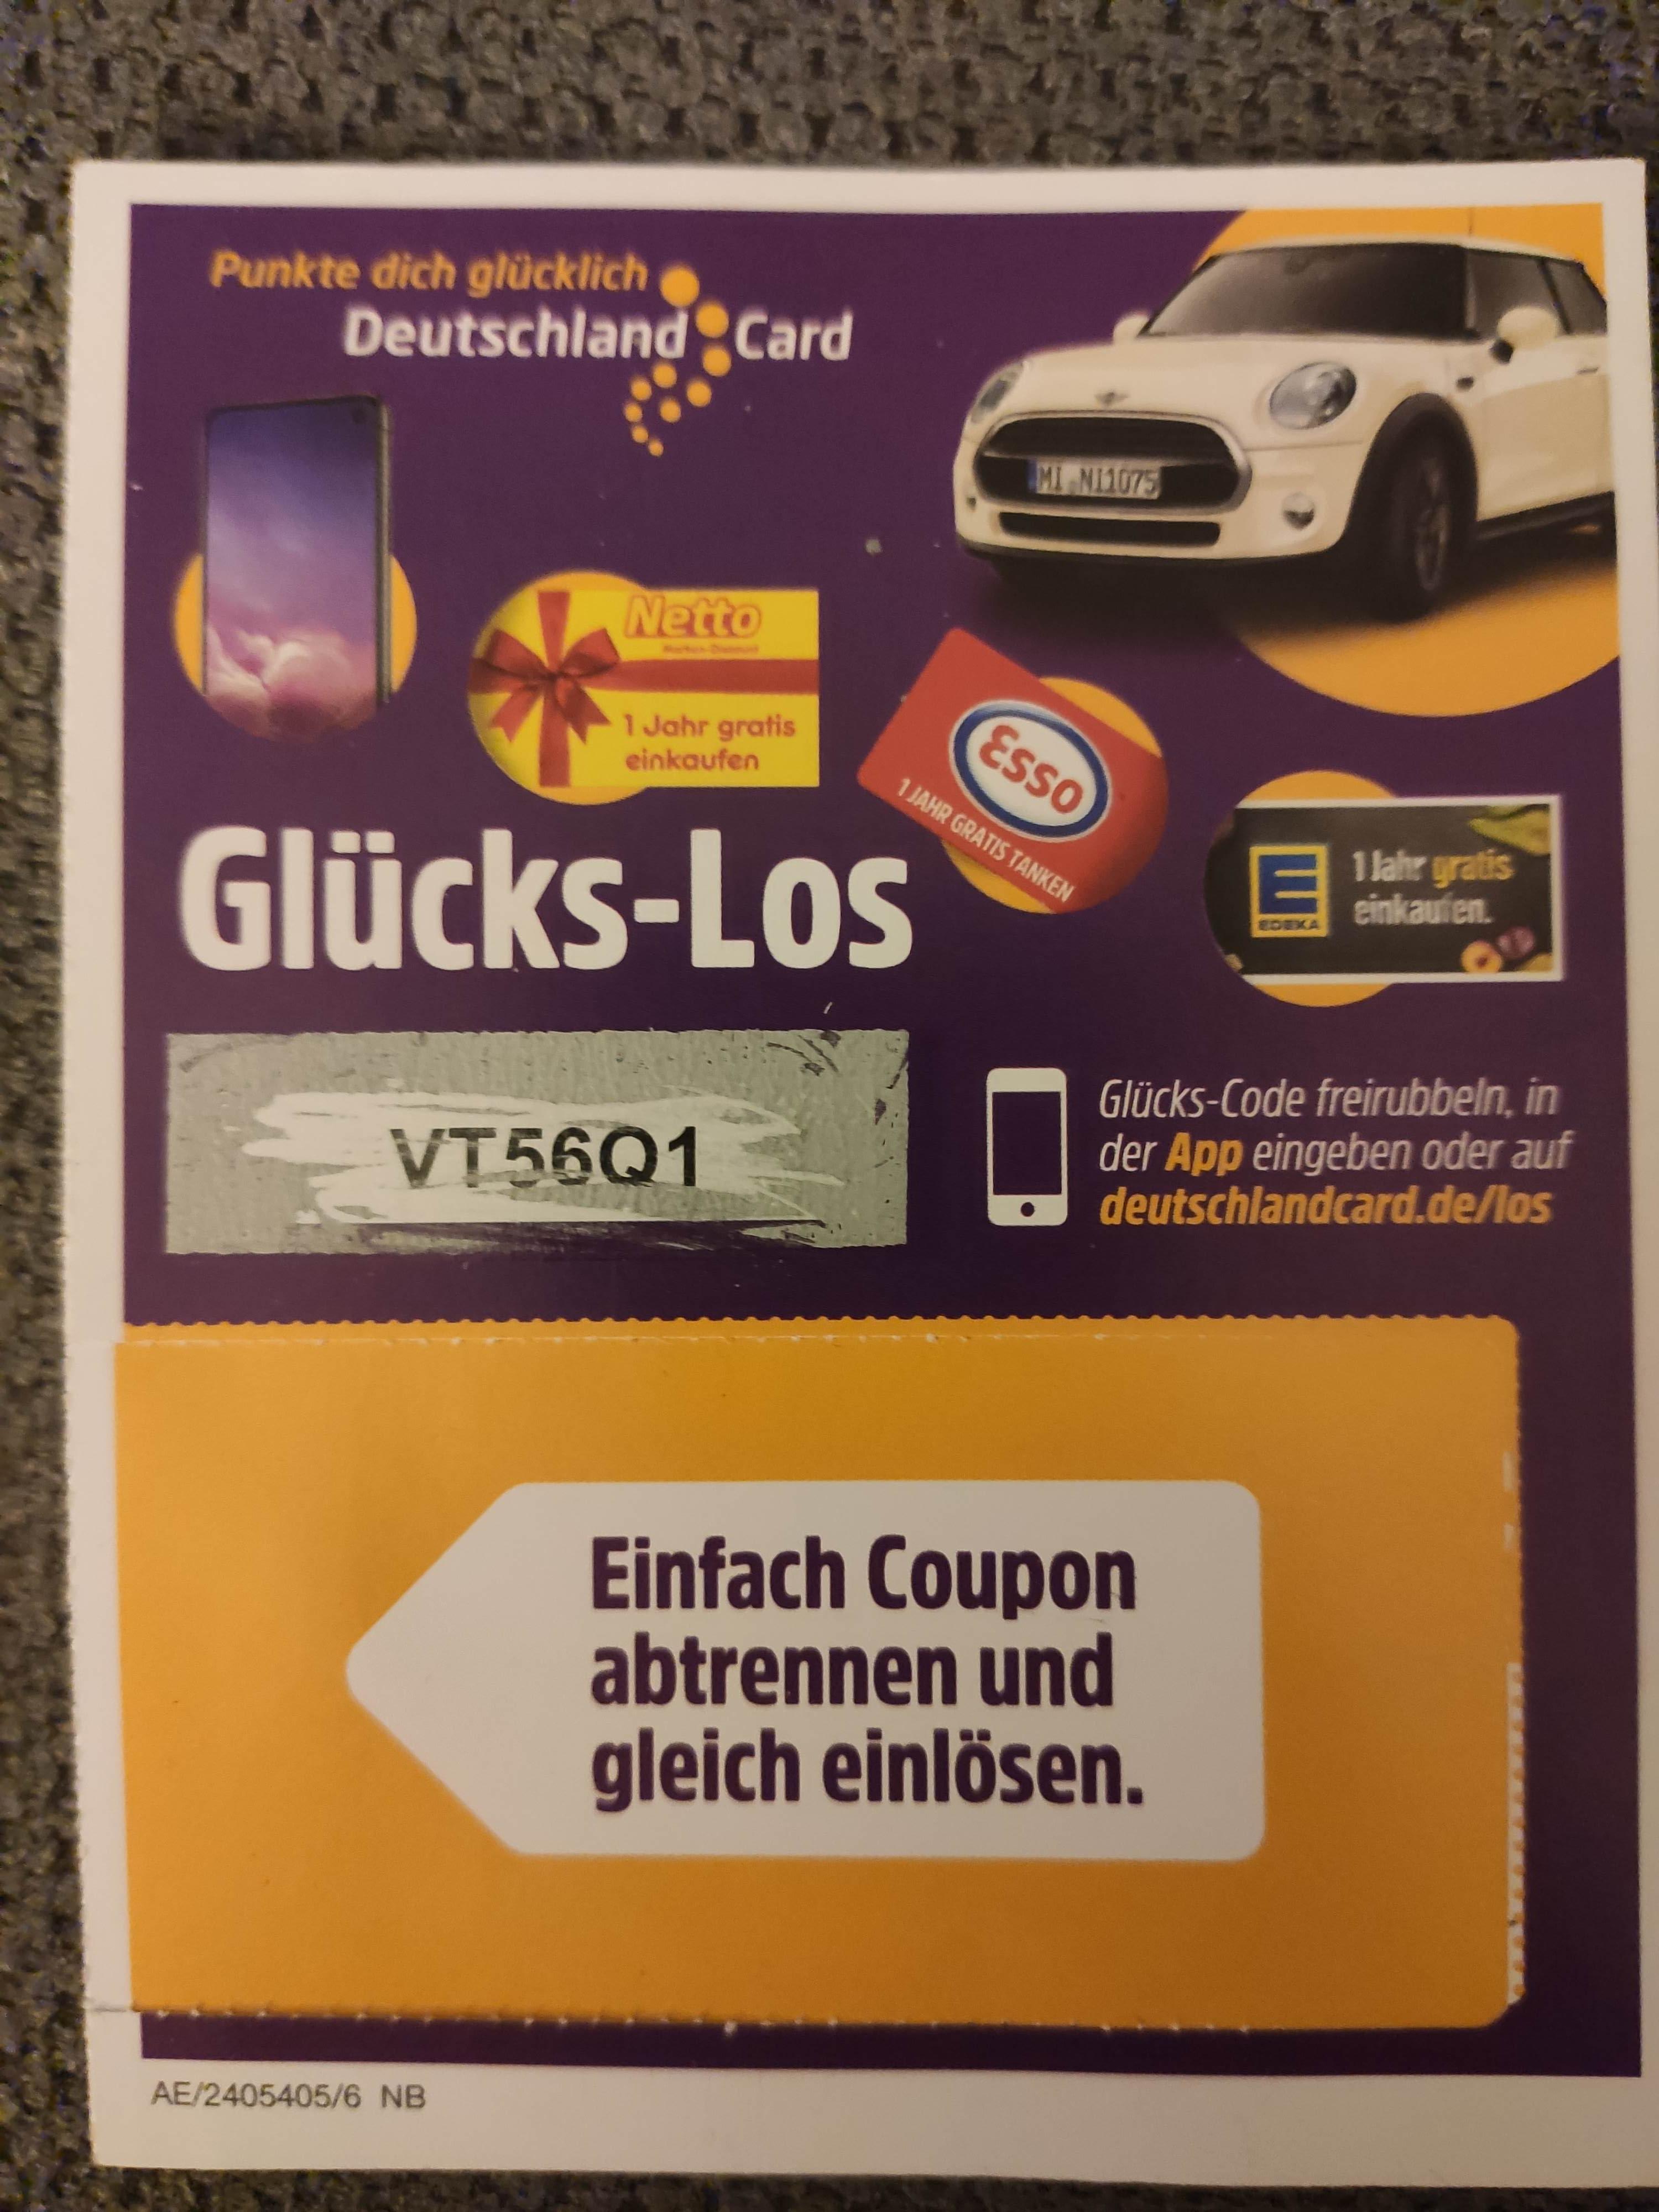 deutschlandcard.de glückslos eingeben